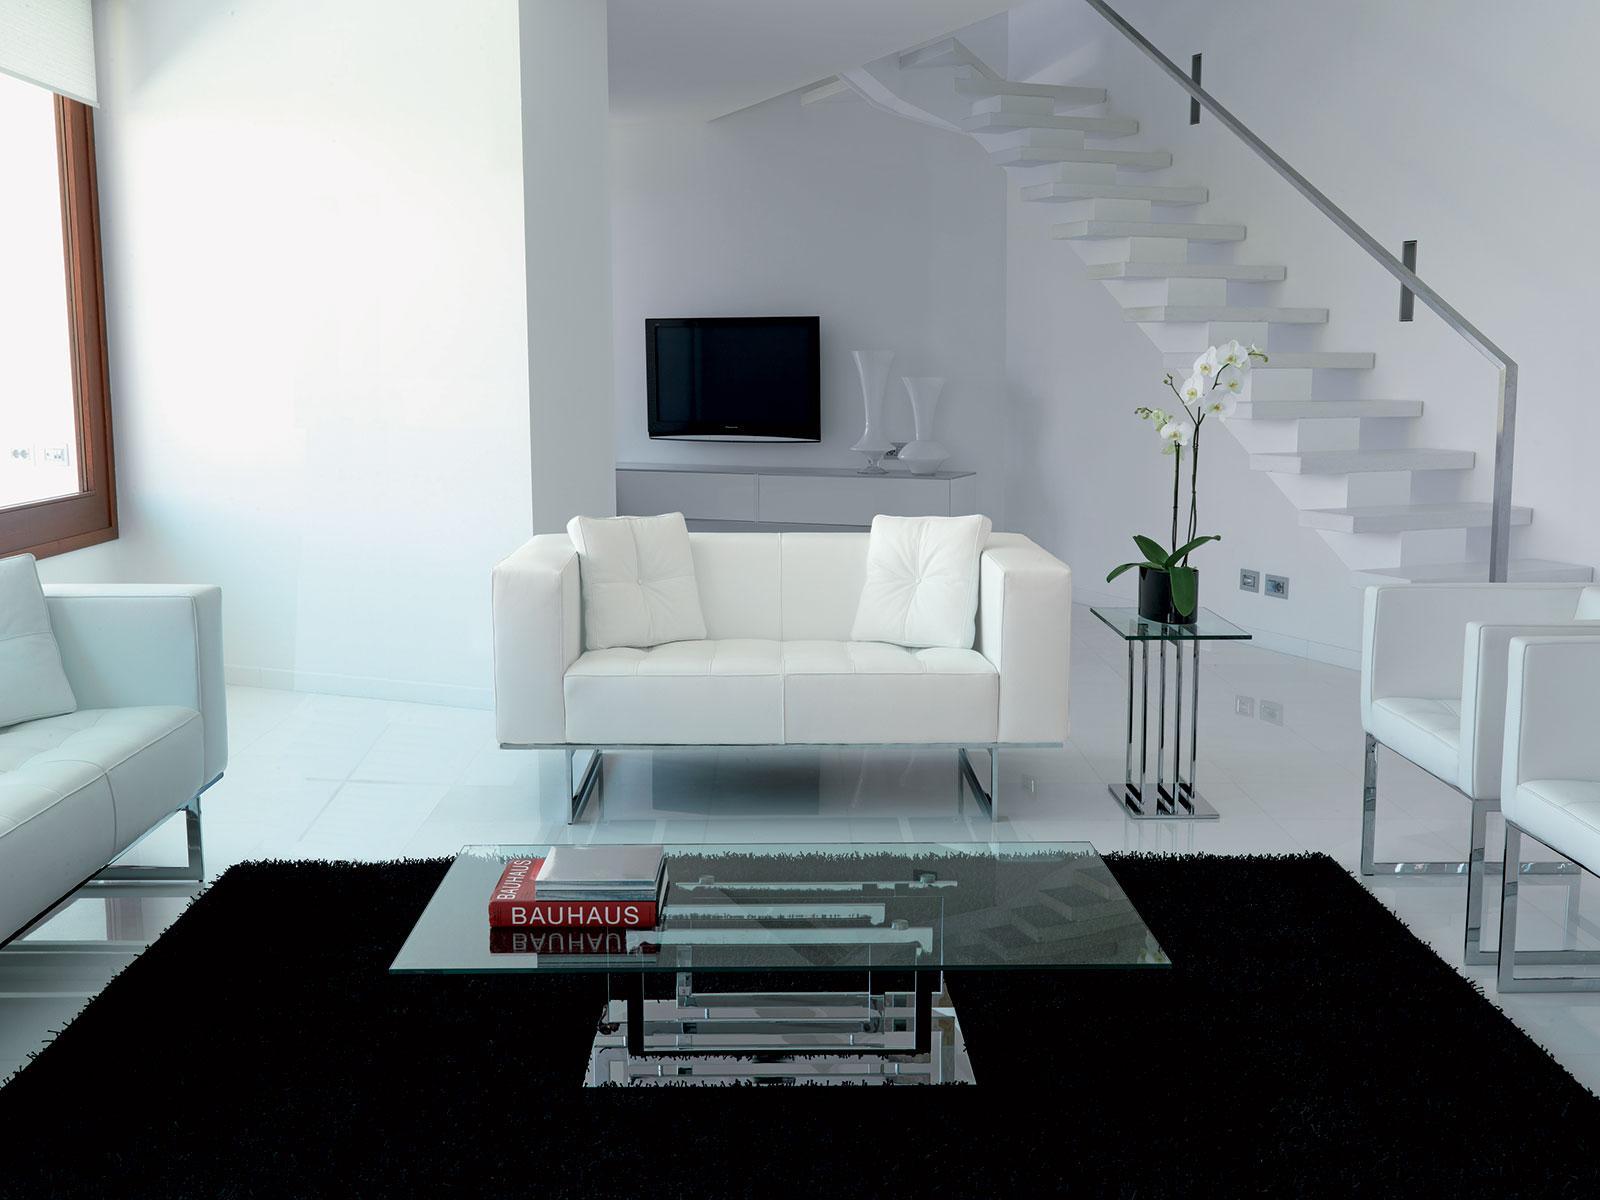 divano pelle bianco arredamento : divano angolare misure pelle componibile grande bianco nero marrone 2 ...